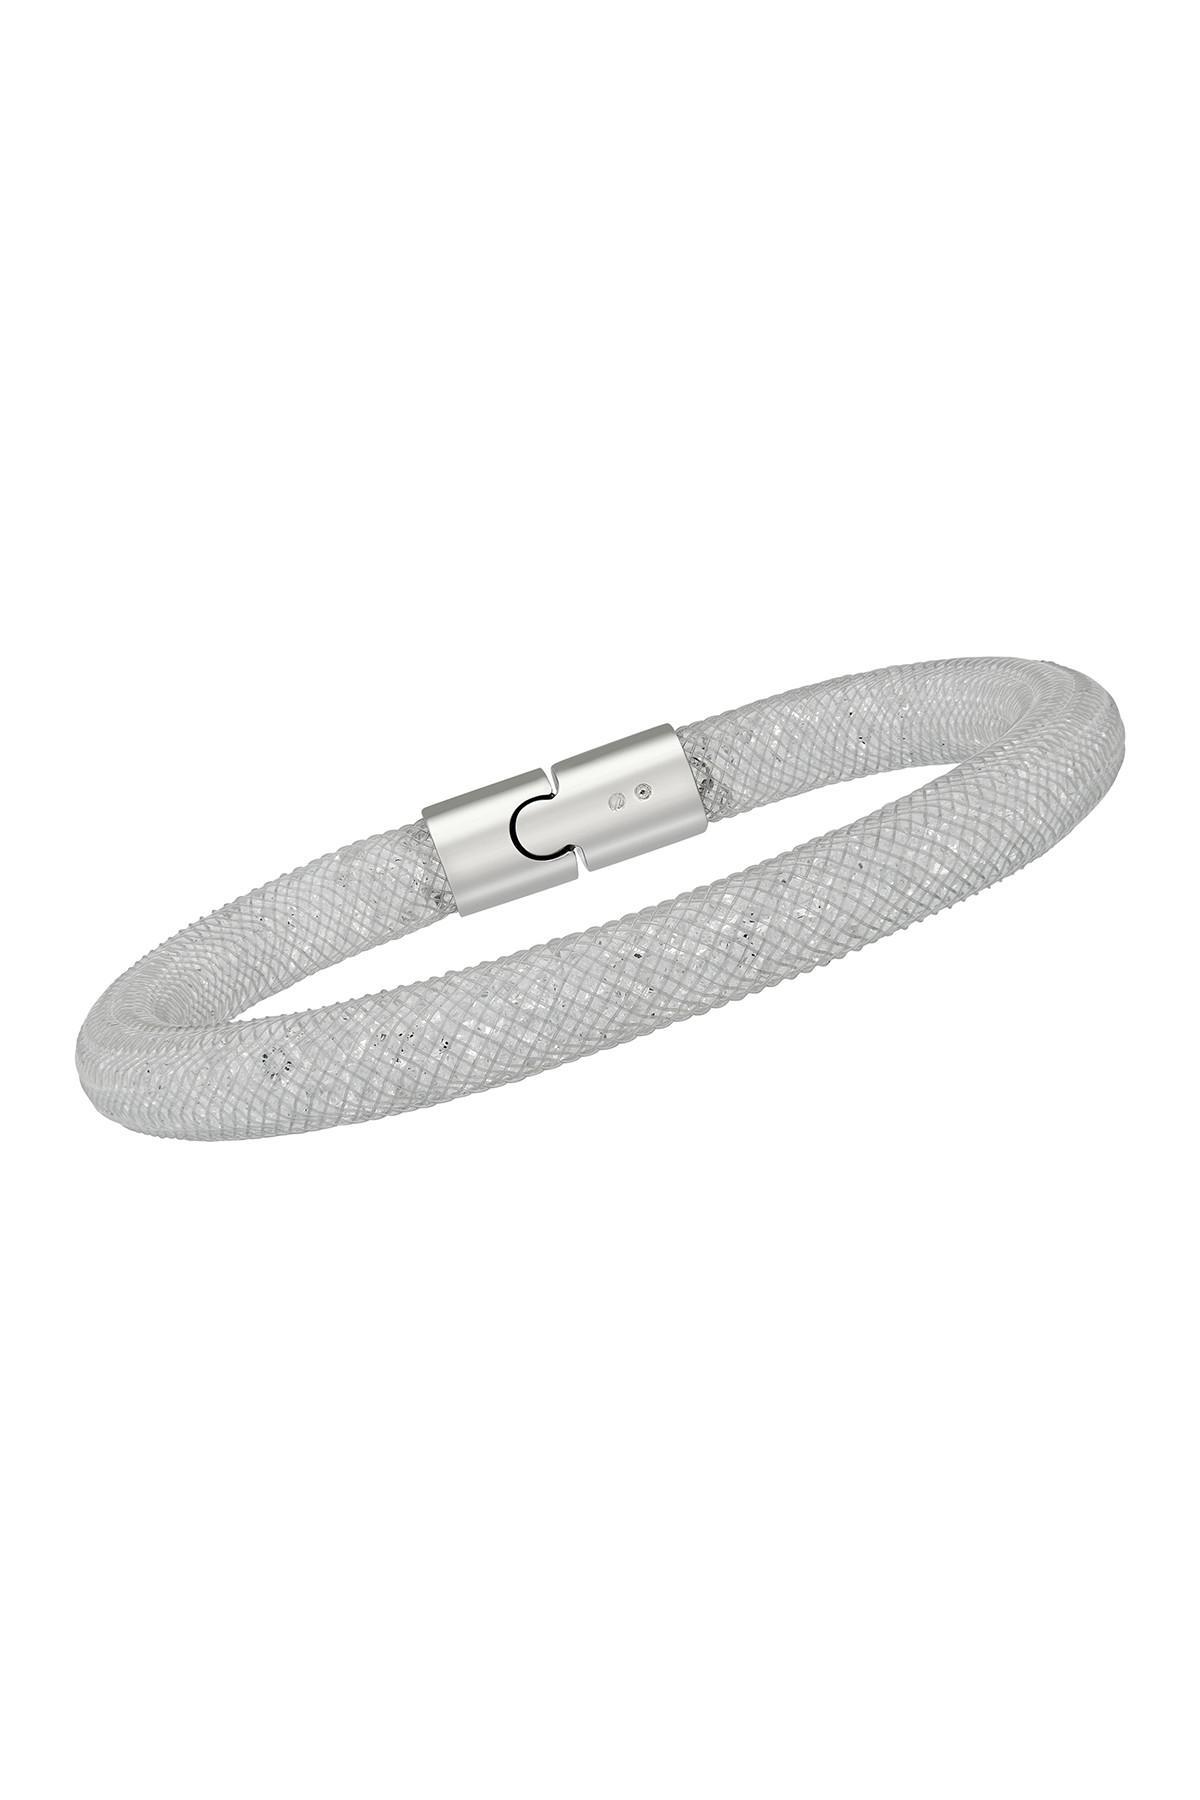 Stardust Crystal Filled Mesh Bracelet - Set Of 2